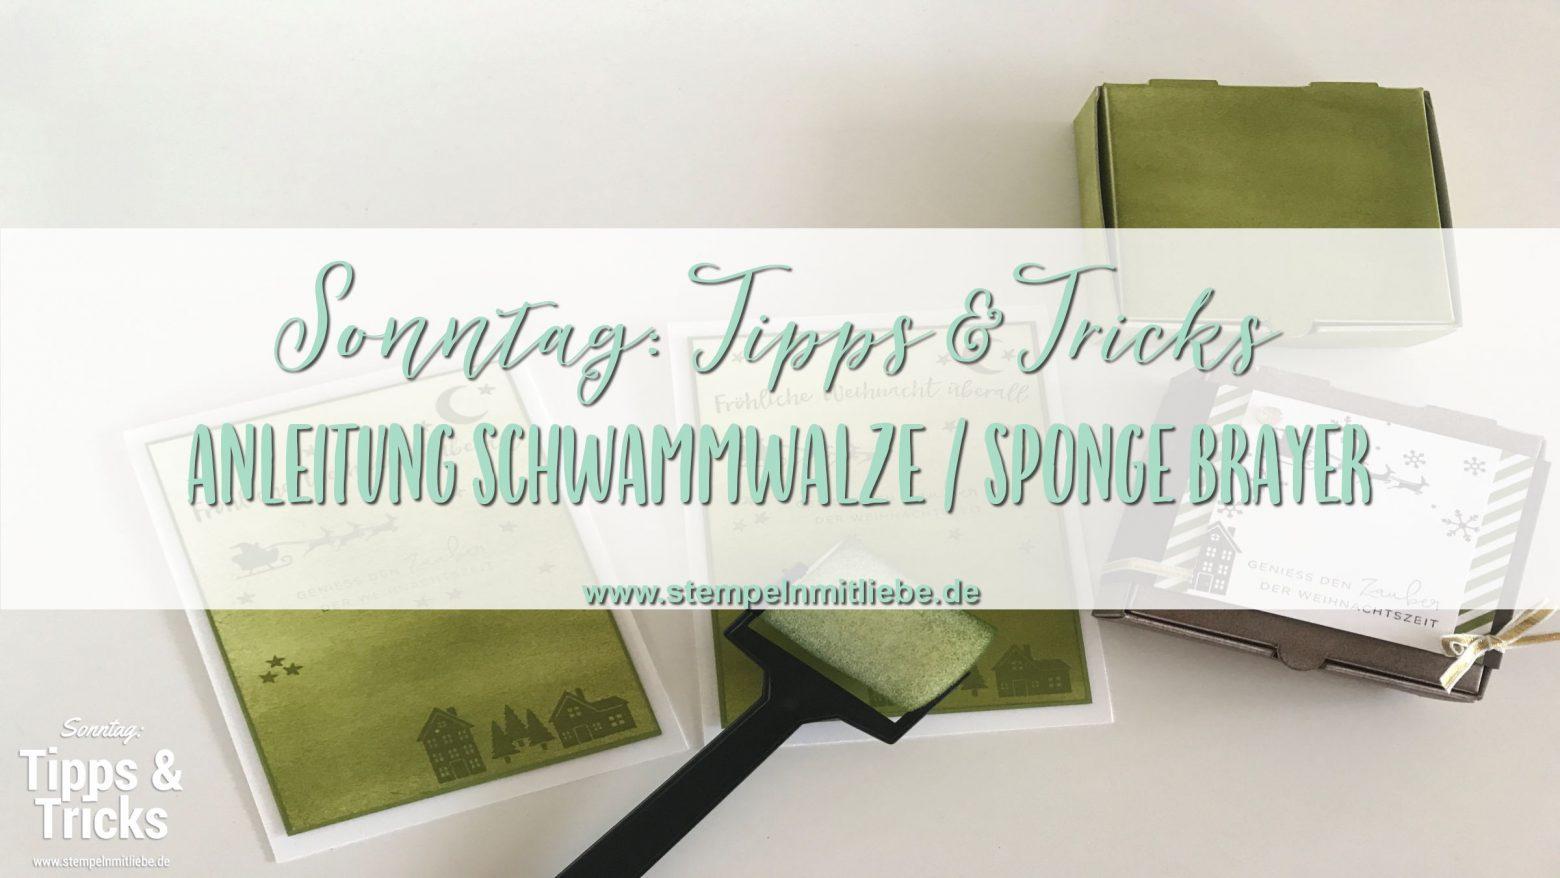 Sonntag: Tipps & Tricks Anleitung für die Schwammwalze / Sponge Brayer